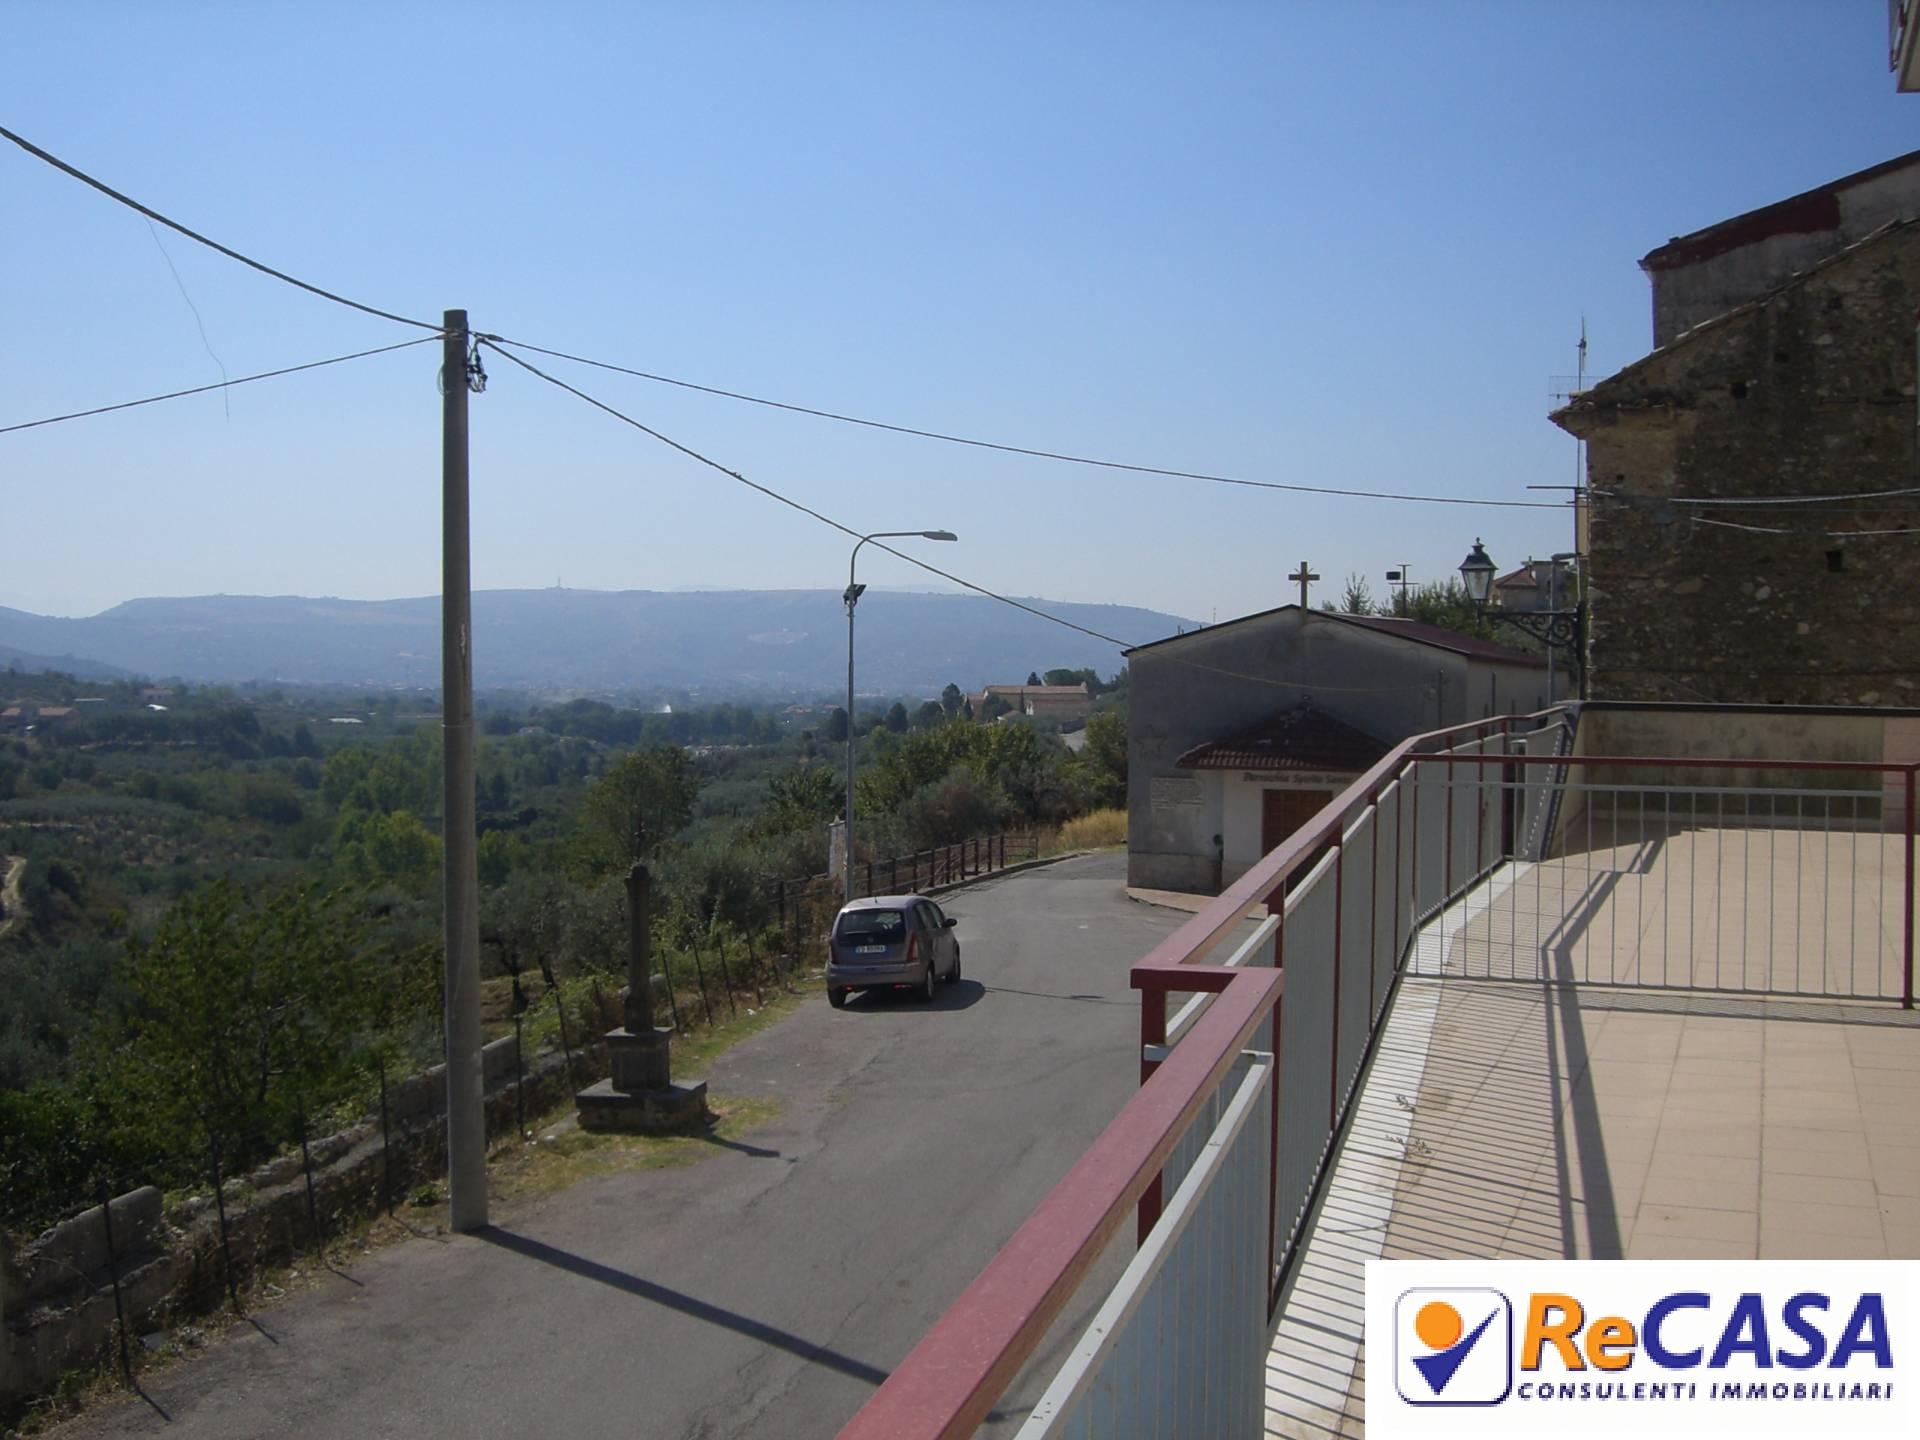 Appartamento in affitto a Montecorvino Rovella, 3 locali, zona Località: SanMartino, prezzo € 370   Cambio Casa.it